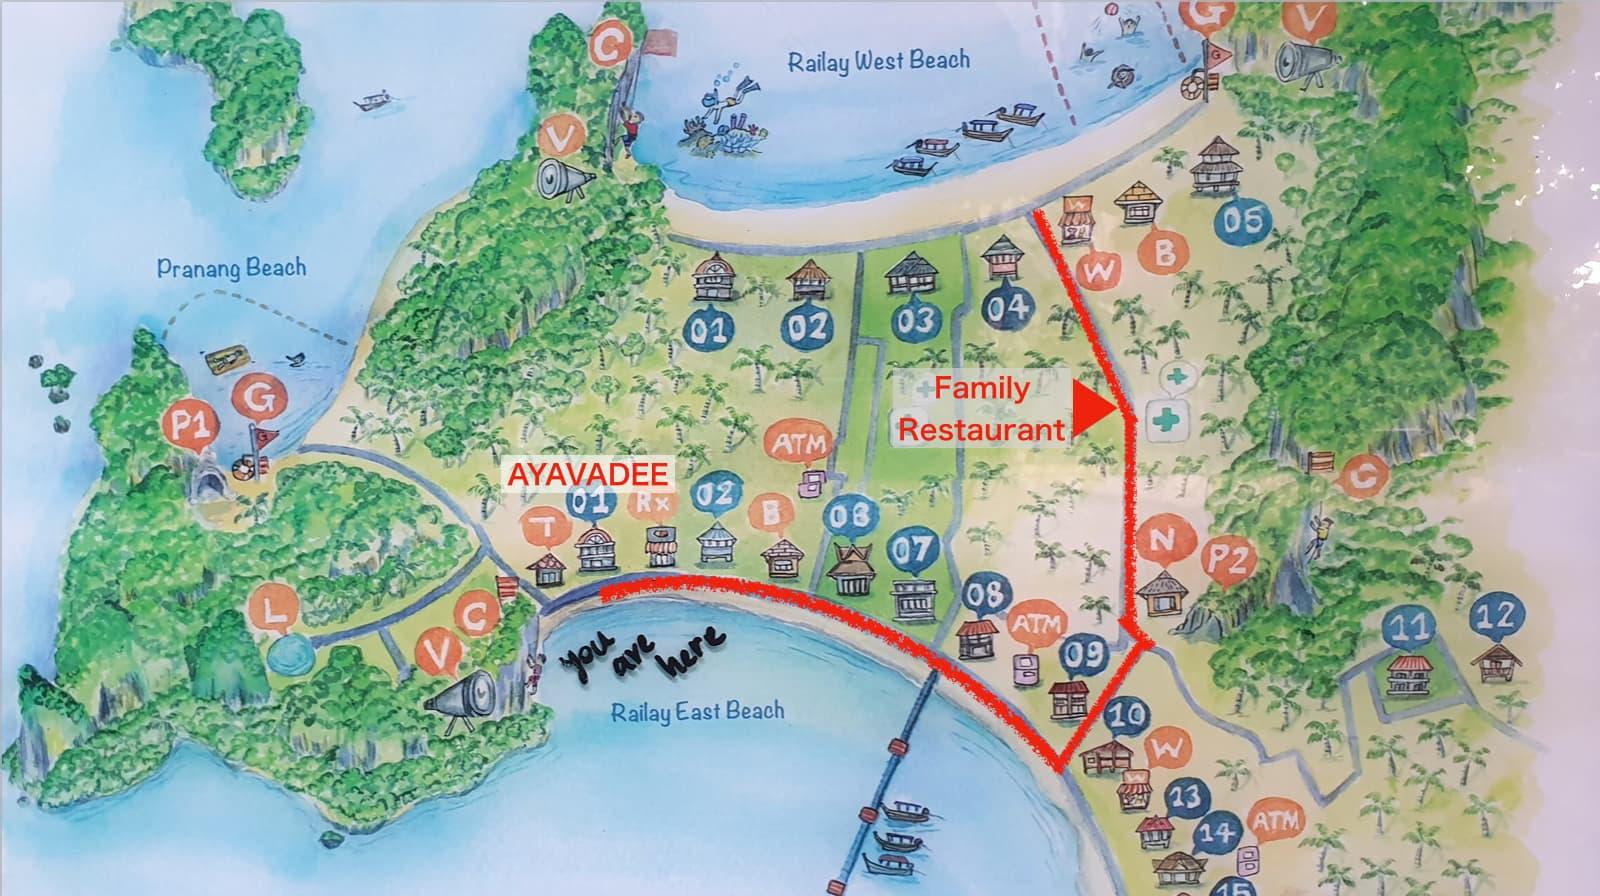 クラビ  ライレイ地区 ウォーキングストリート Krabi Railay WalkingStreet ファミリーレストラン FamilyRestaurant